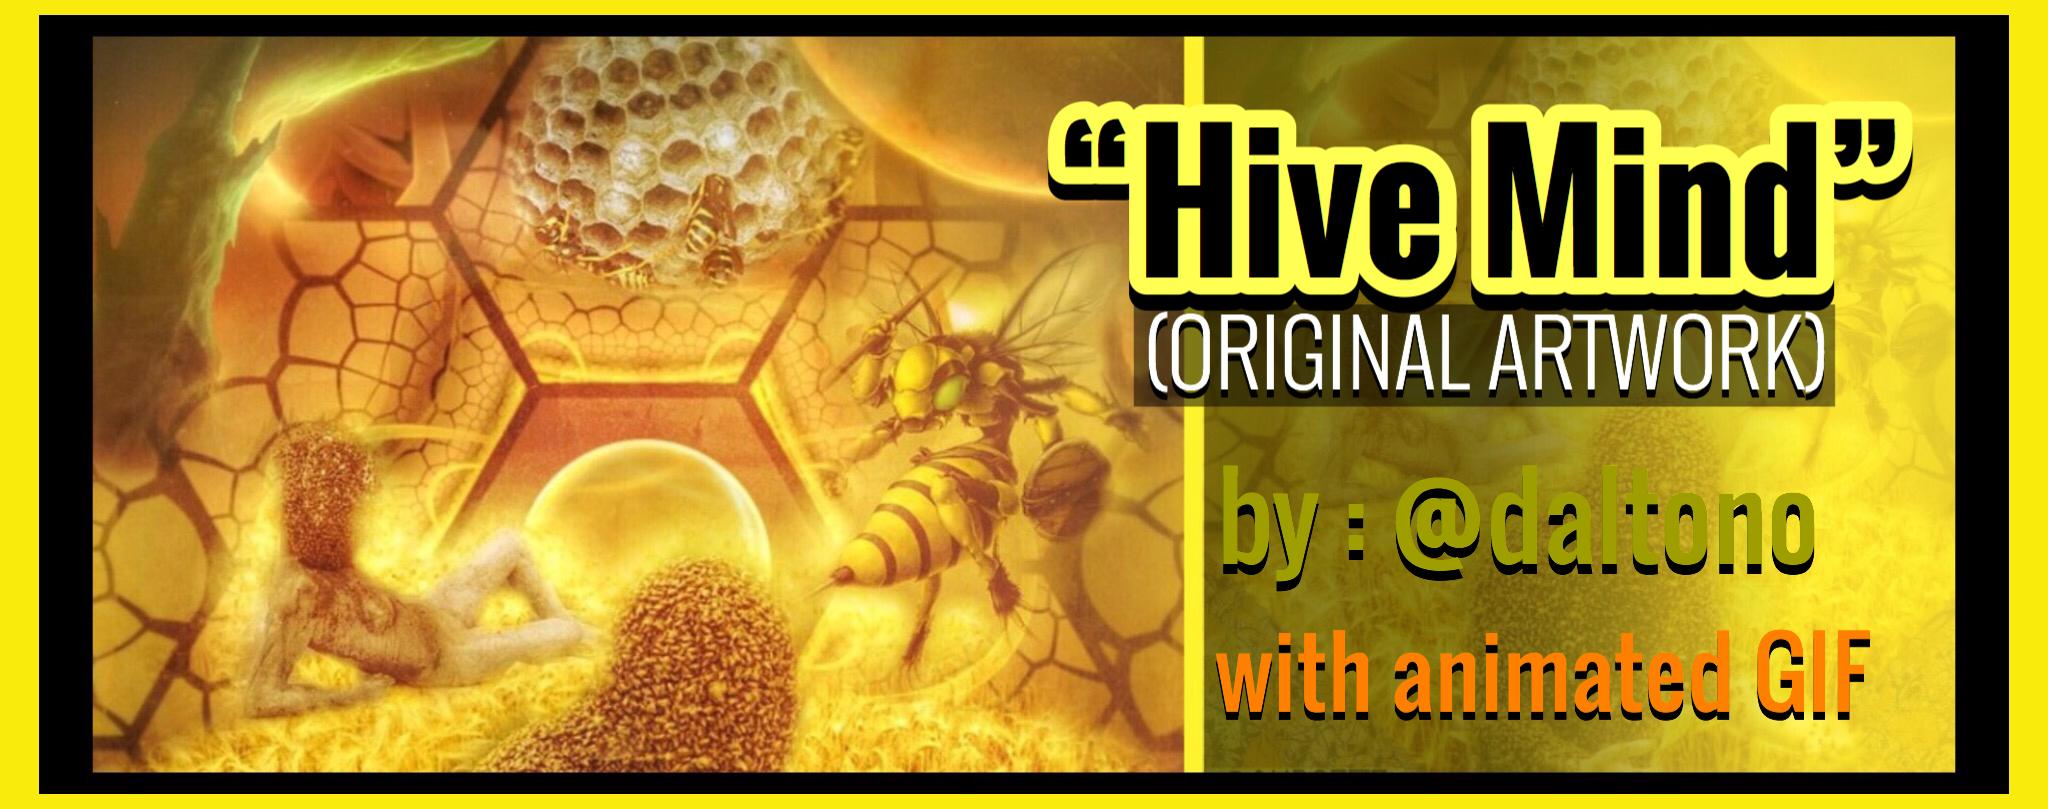 hive-mind-thumbnail.JPG